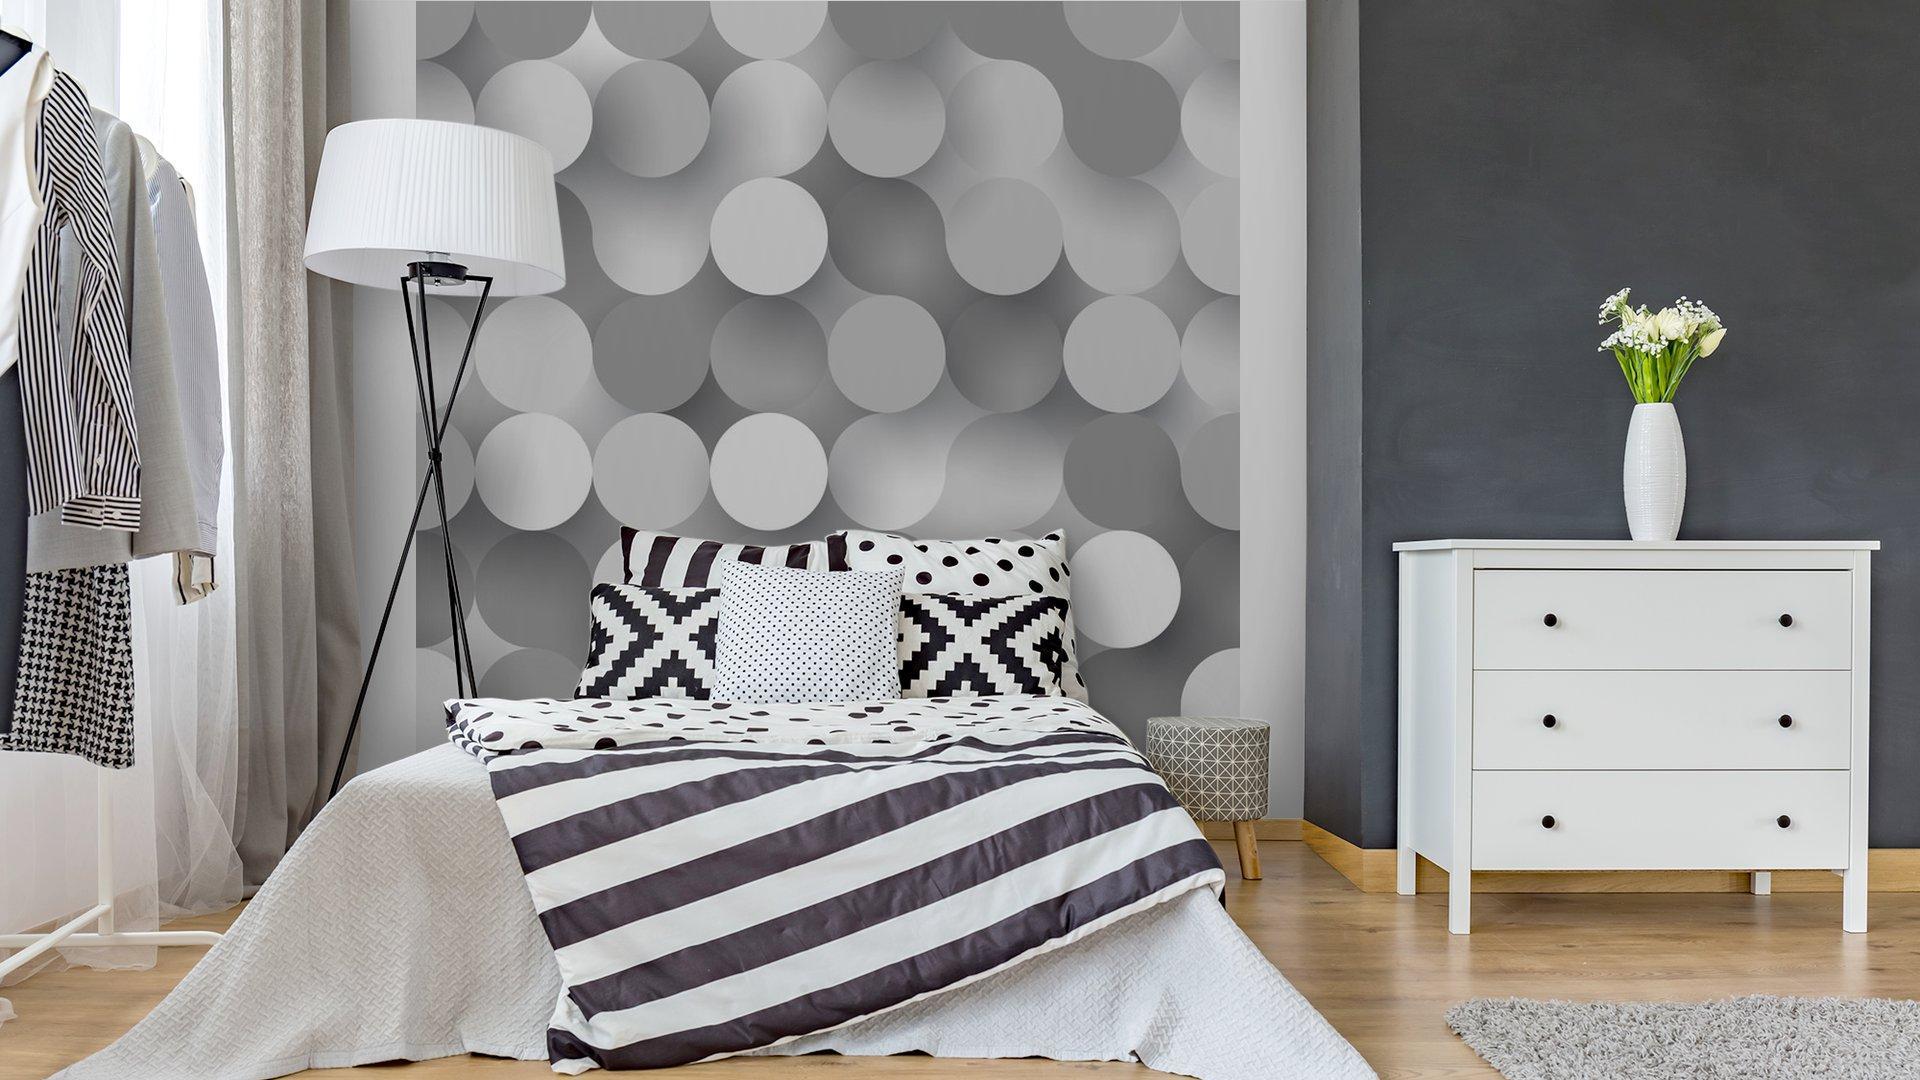 CÍRCULOS PLANAS SIN COSTURA3 - Fotomural Tapiz Tipo Abstracto Fondo Blanco